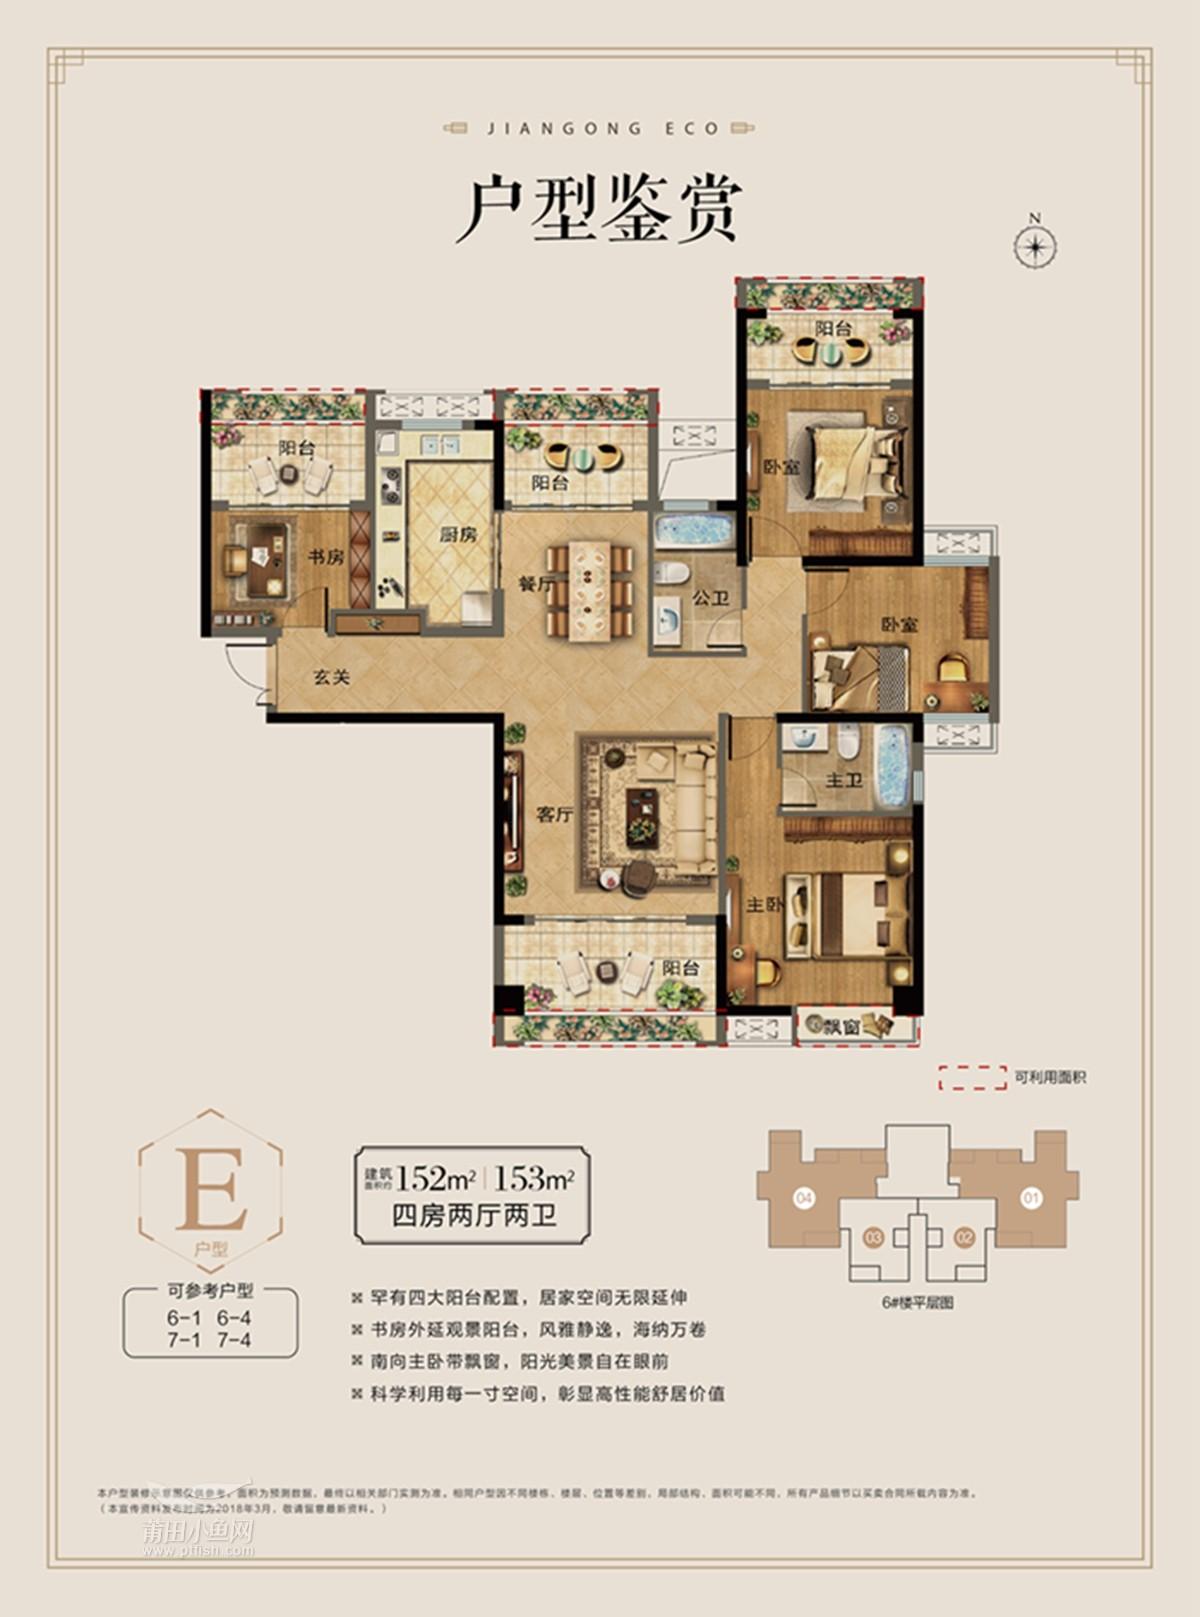 建工·ECO A、F地块   E户型建面约152、153㎡(4房2厅2卫)